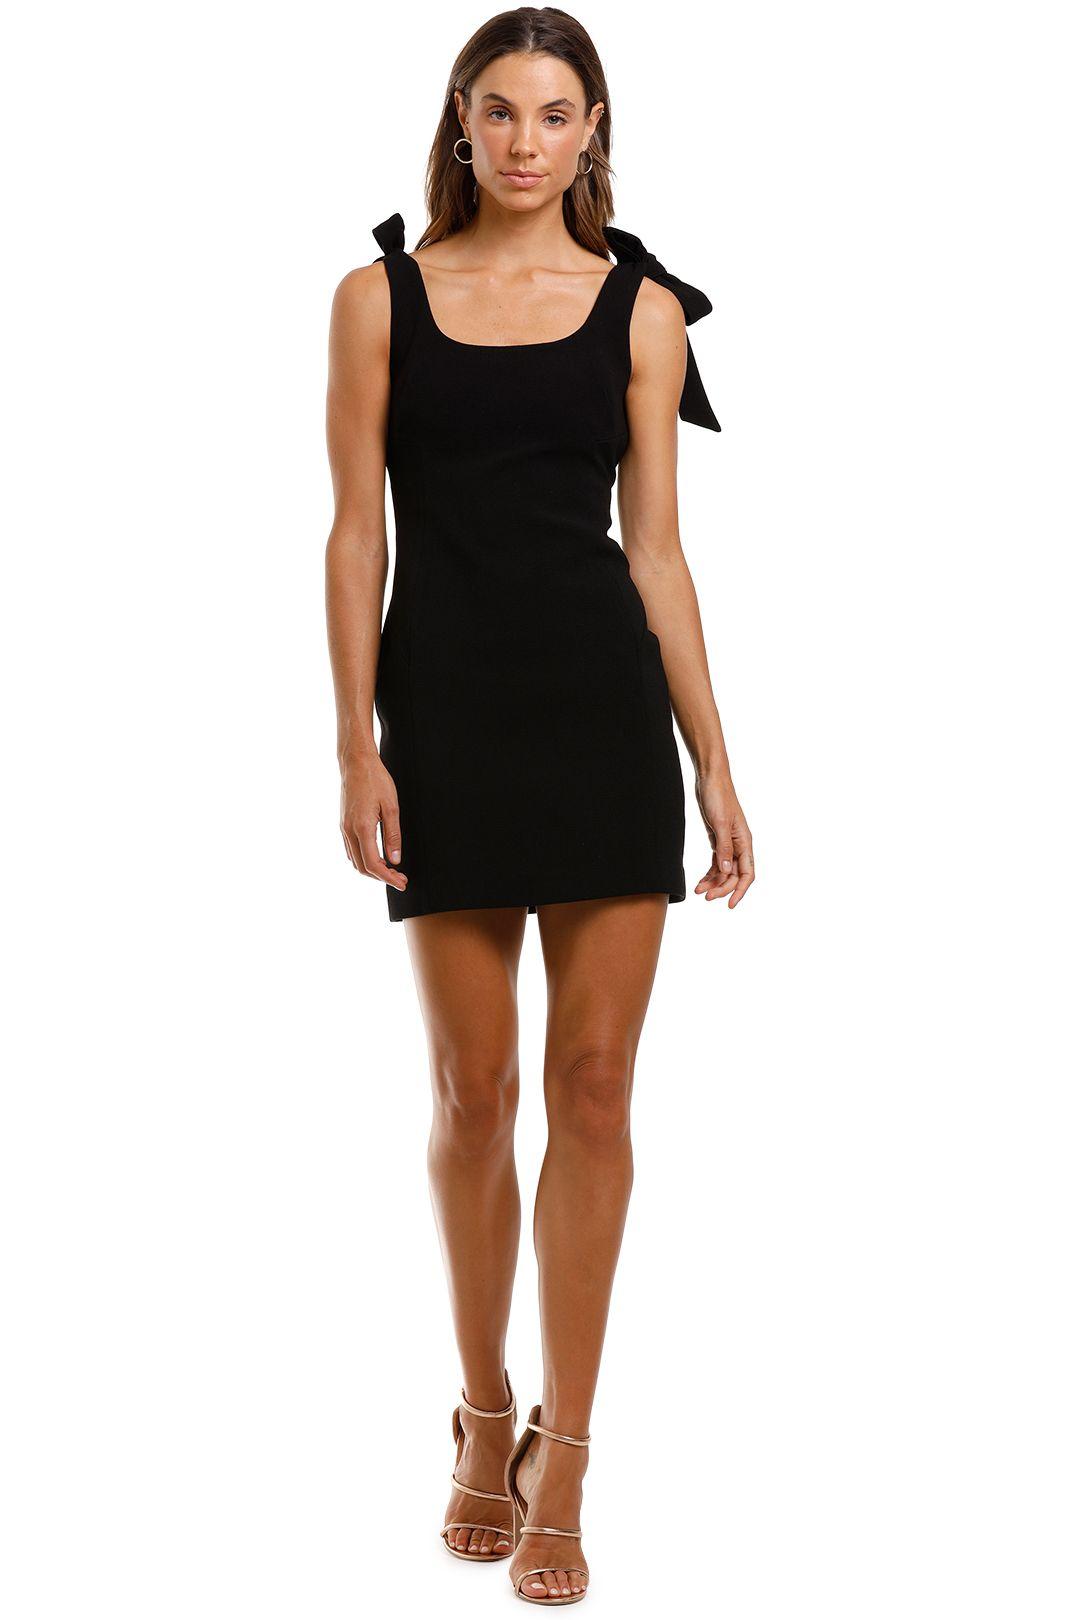 Rebecca Vallance Dahlia Mini Dress Black Tie Straps